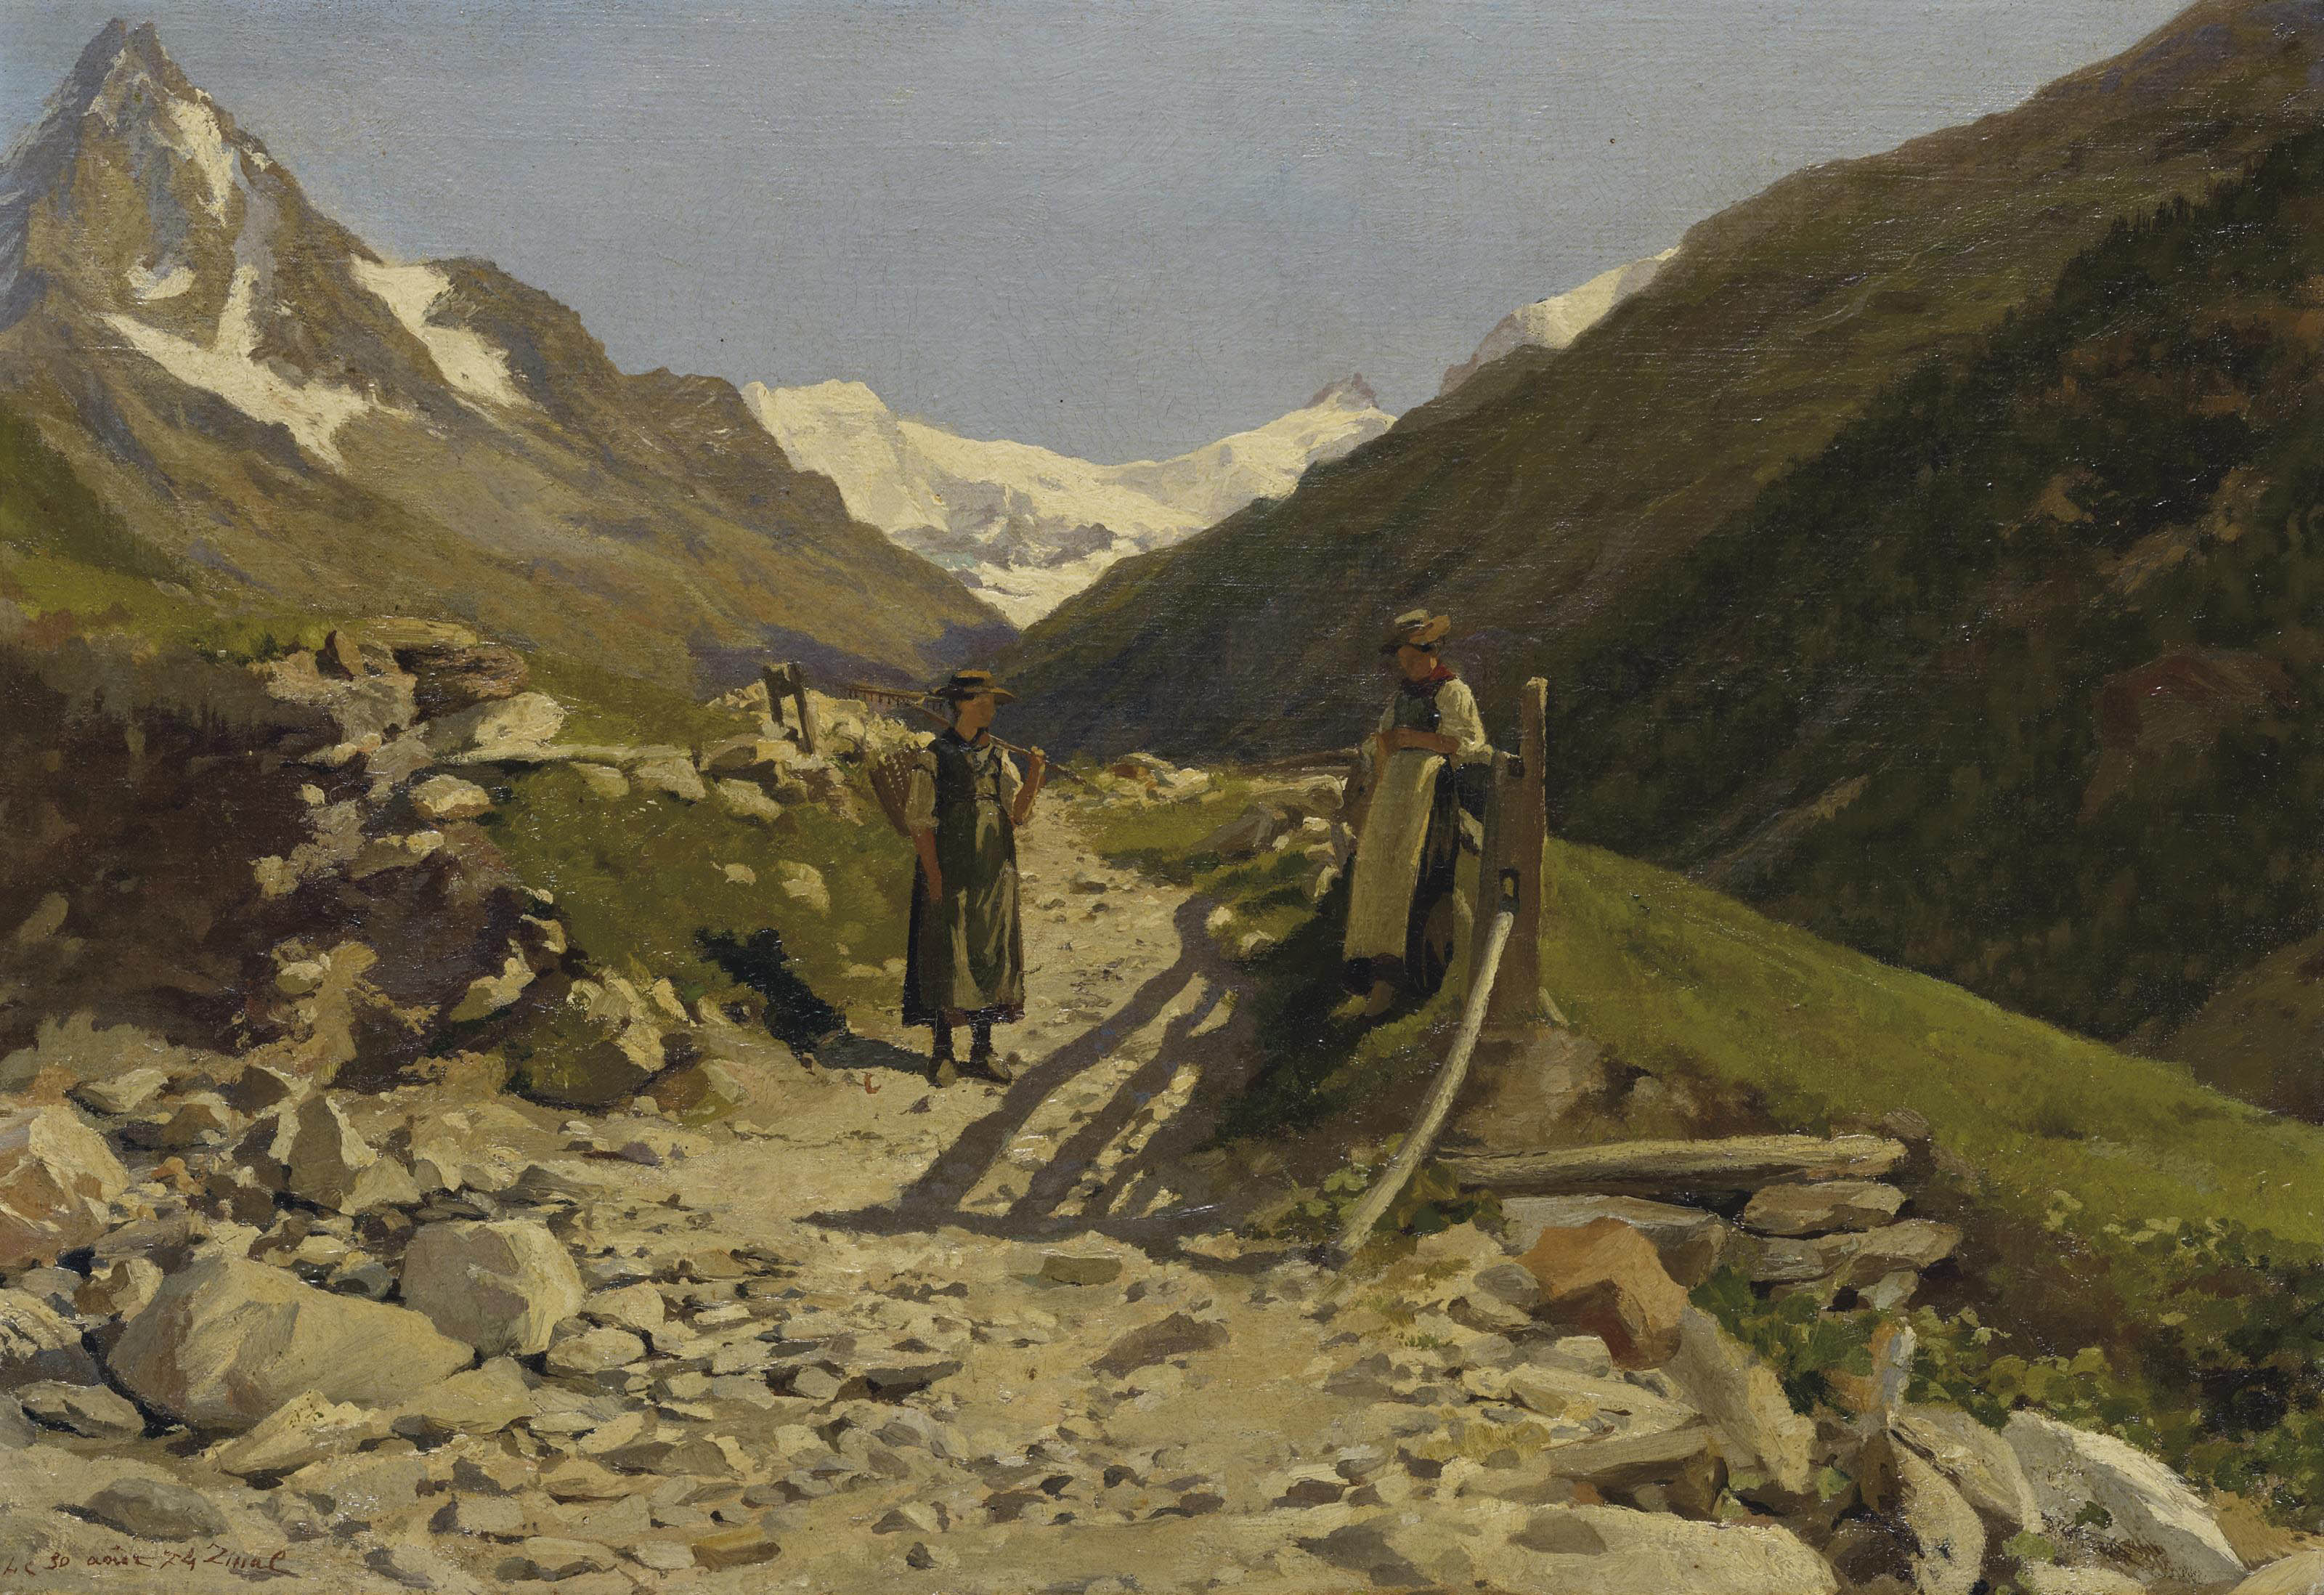 Zinal, 1874